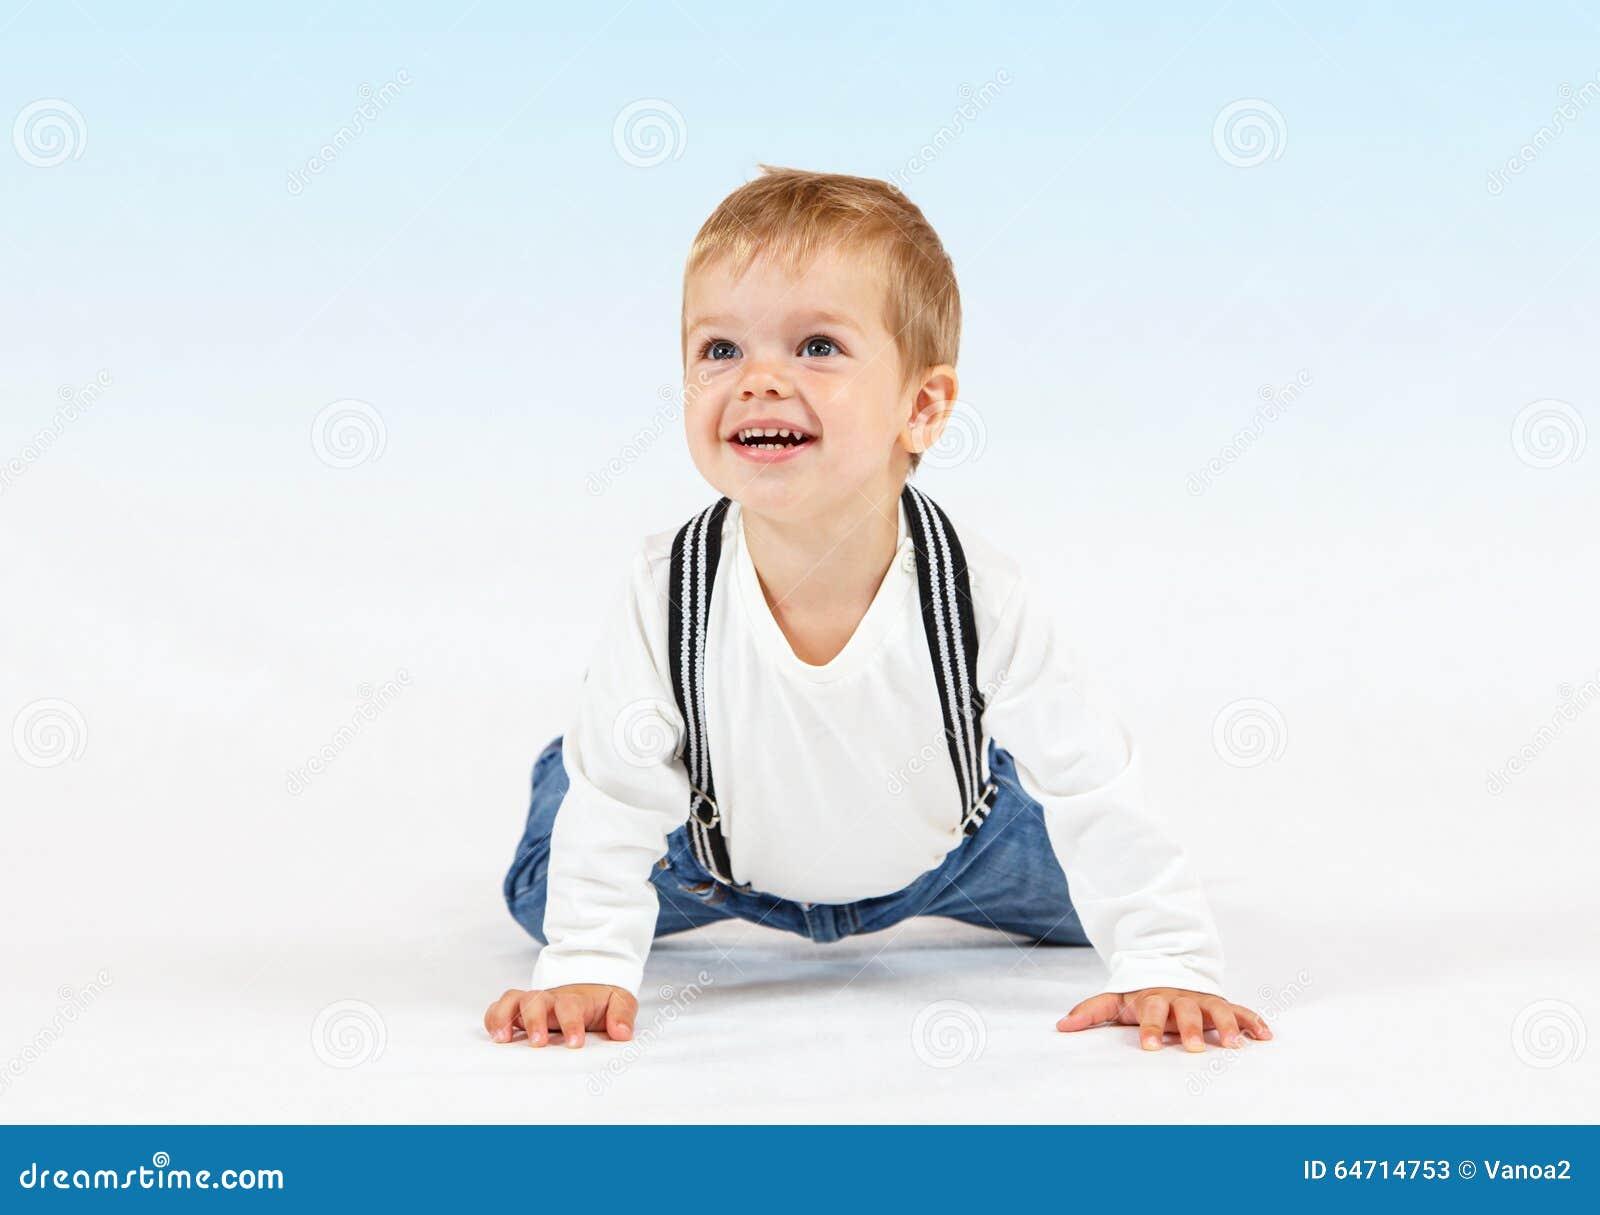 Petit garçon heureux sur le fond blanc et bleu-clair